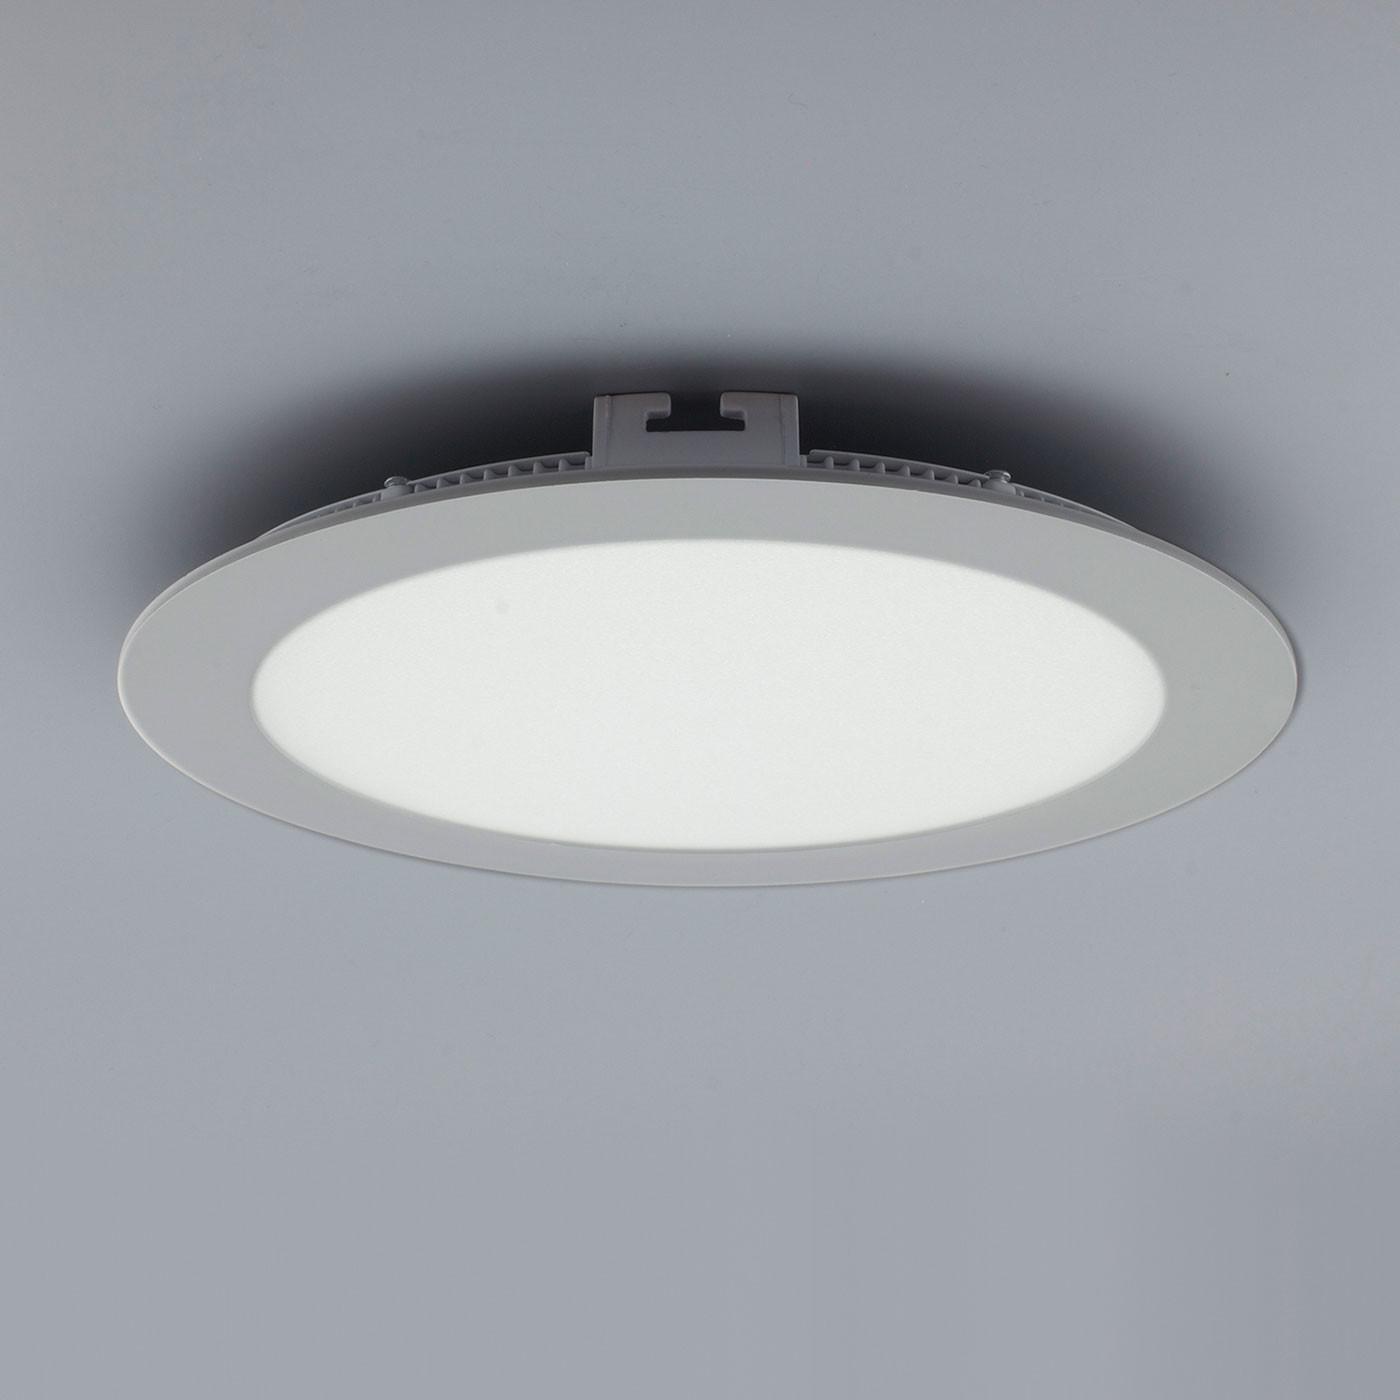 licht design 30566 einbau led panel 1440 lumen 22 cm neutral silber kaufen bei licht. Black Bedroom Furniture Sets. Home Design Ideas